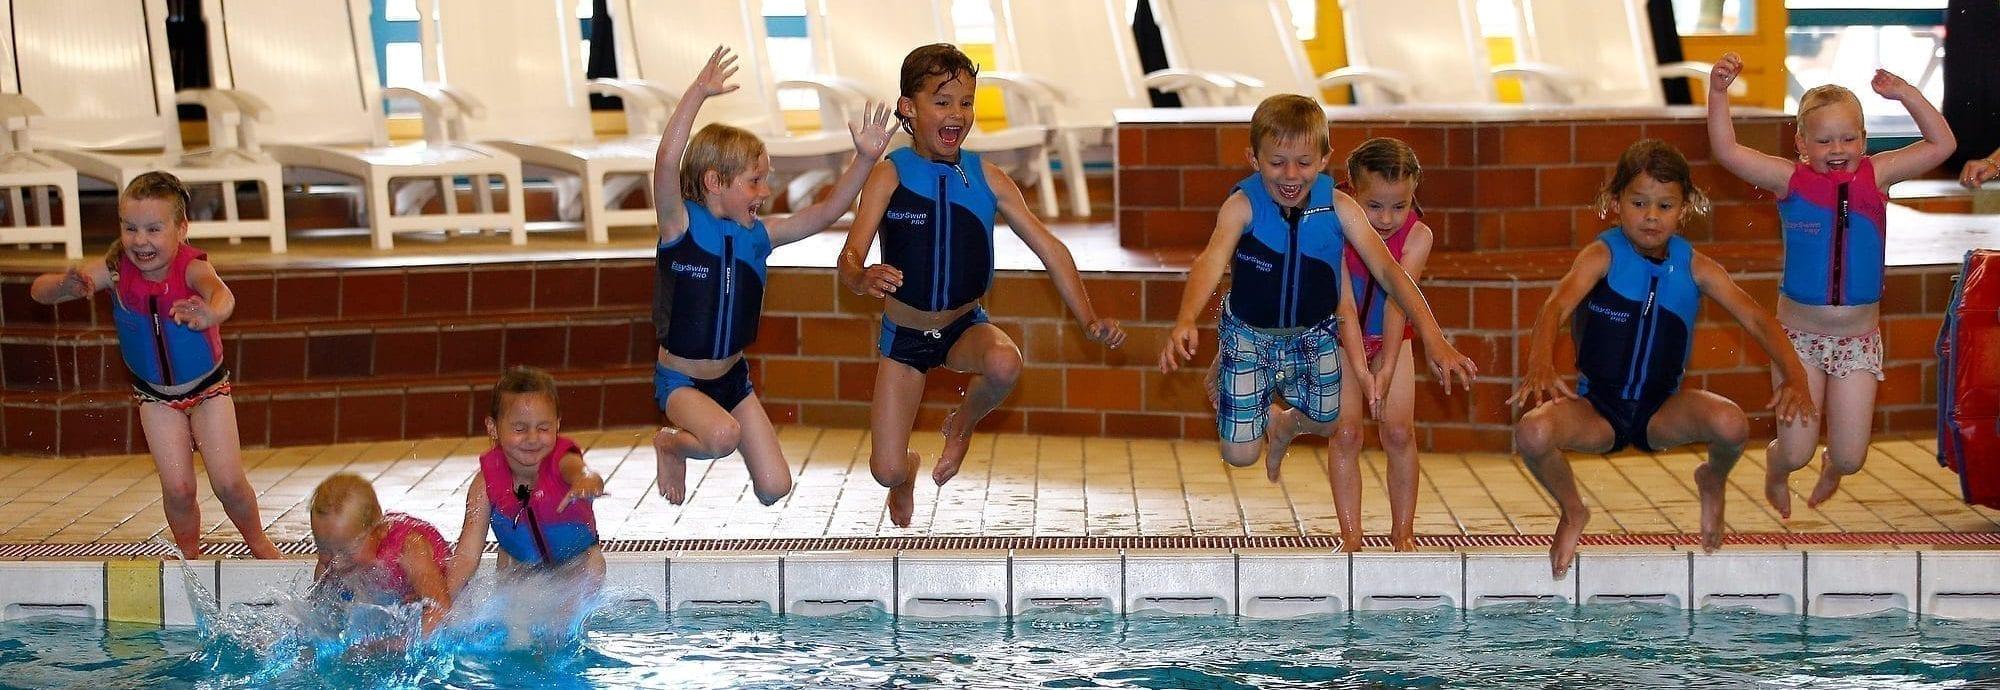 Inschrijven voor zwemles